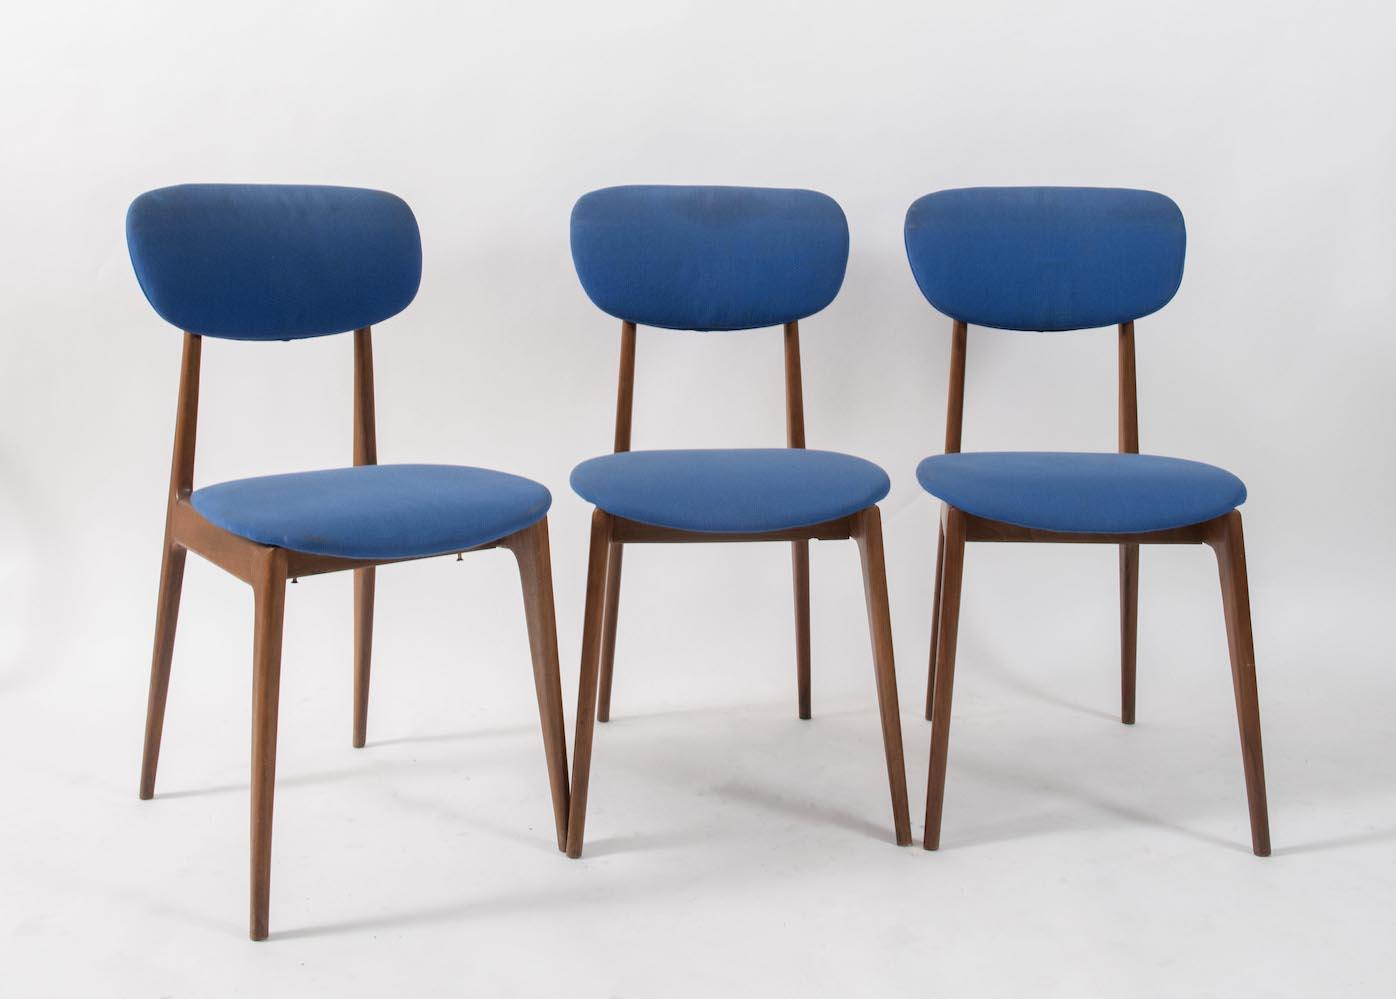 Sei sedie in legno con seduta in stoffa. Prod. Italia ...